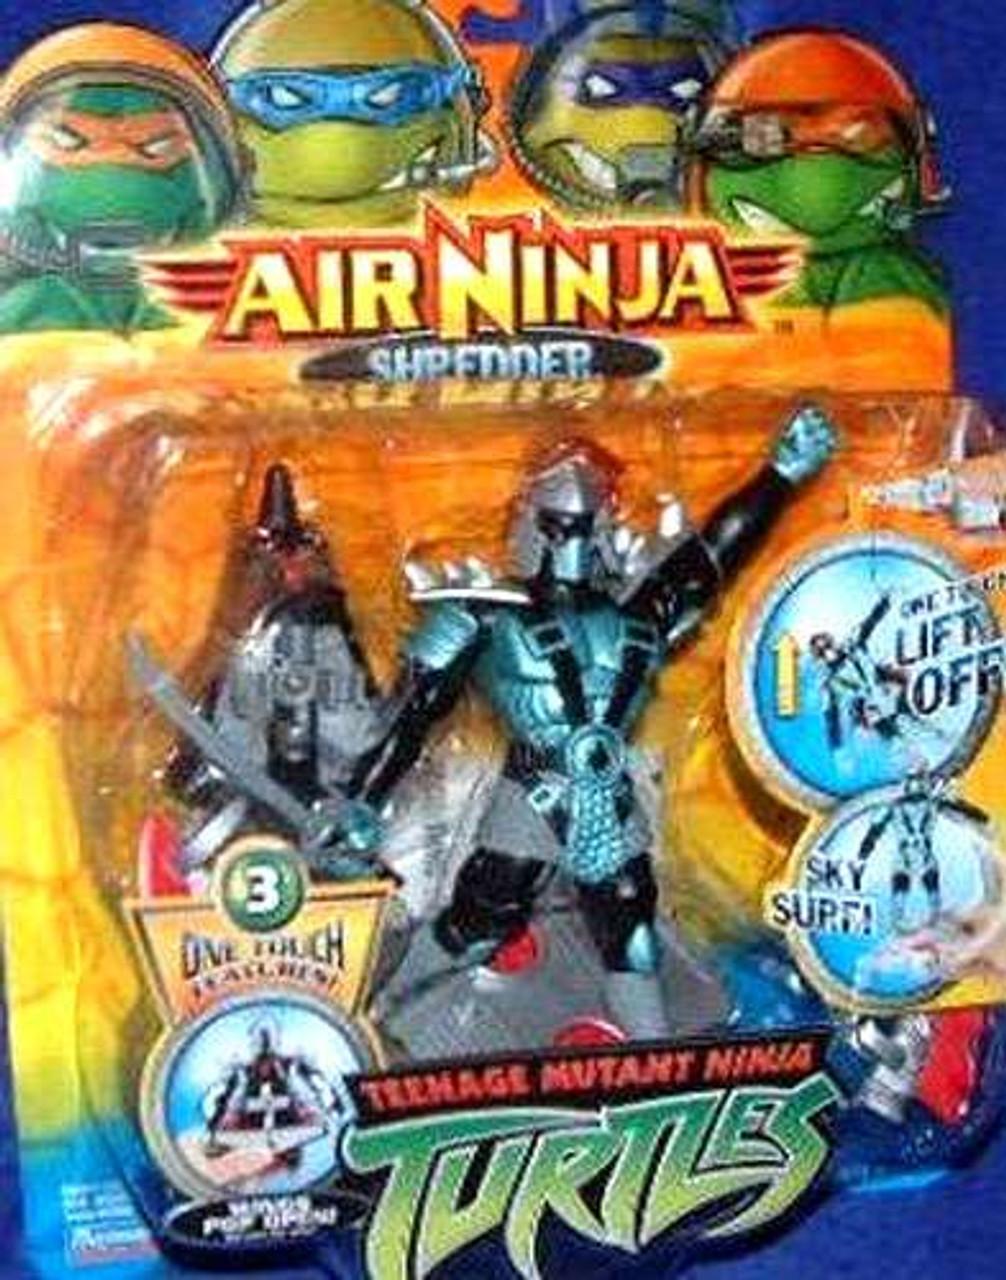 Teenage Mutant Ninja Turtles 2003 Air Ninja Shredder 5 Action